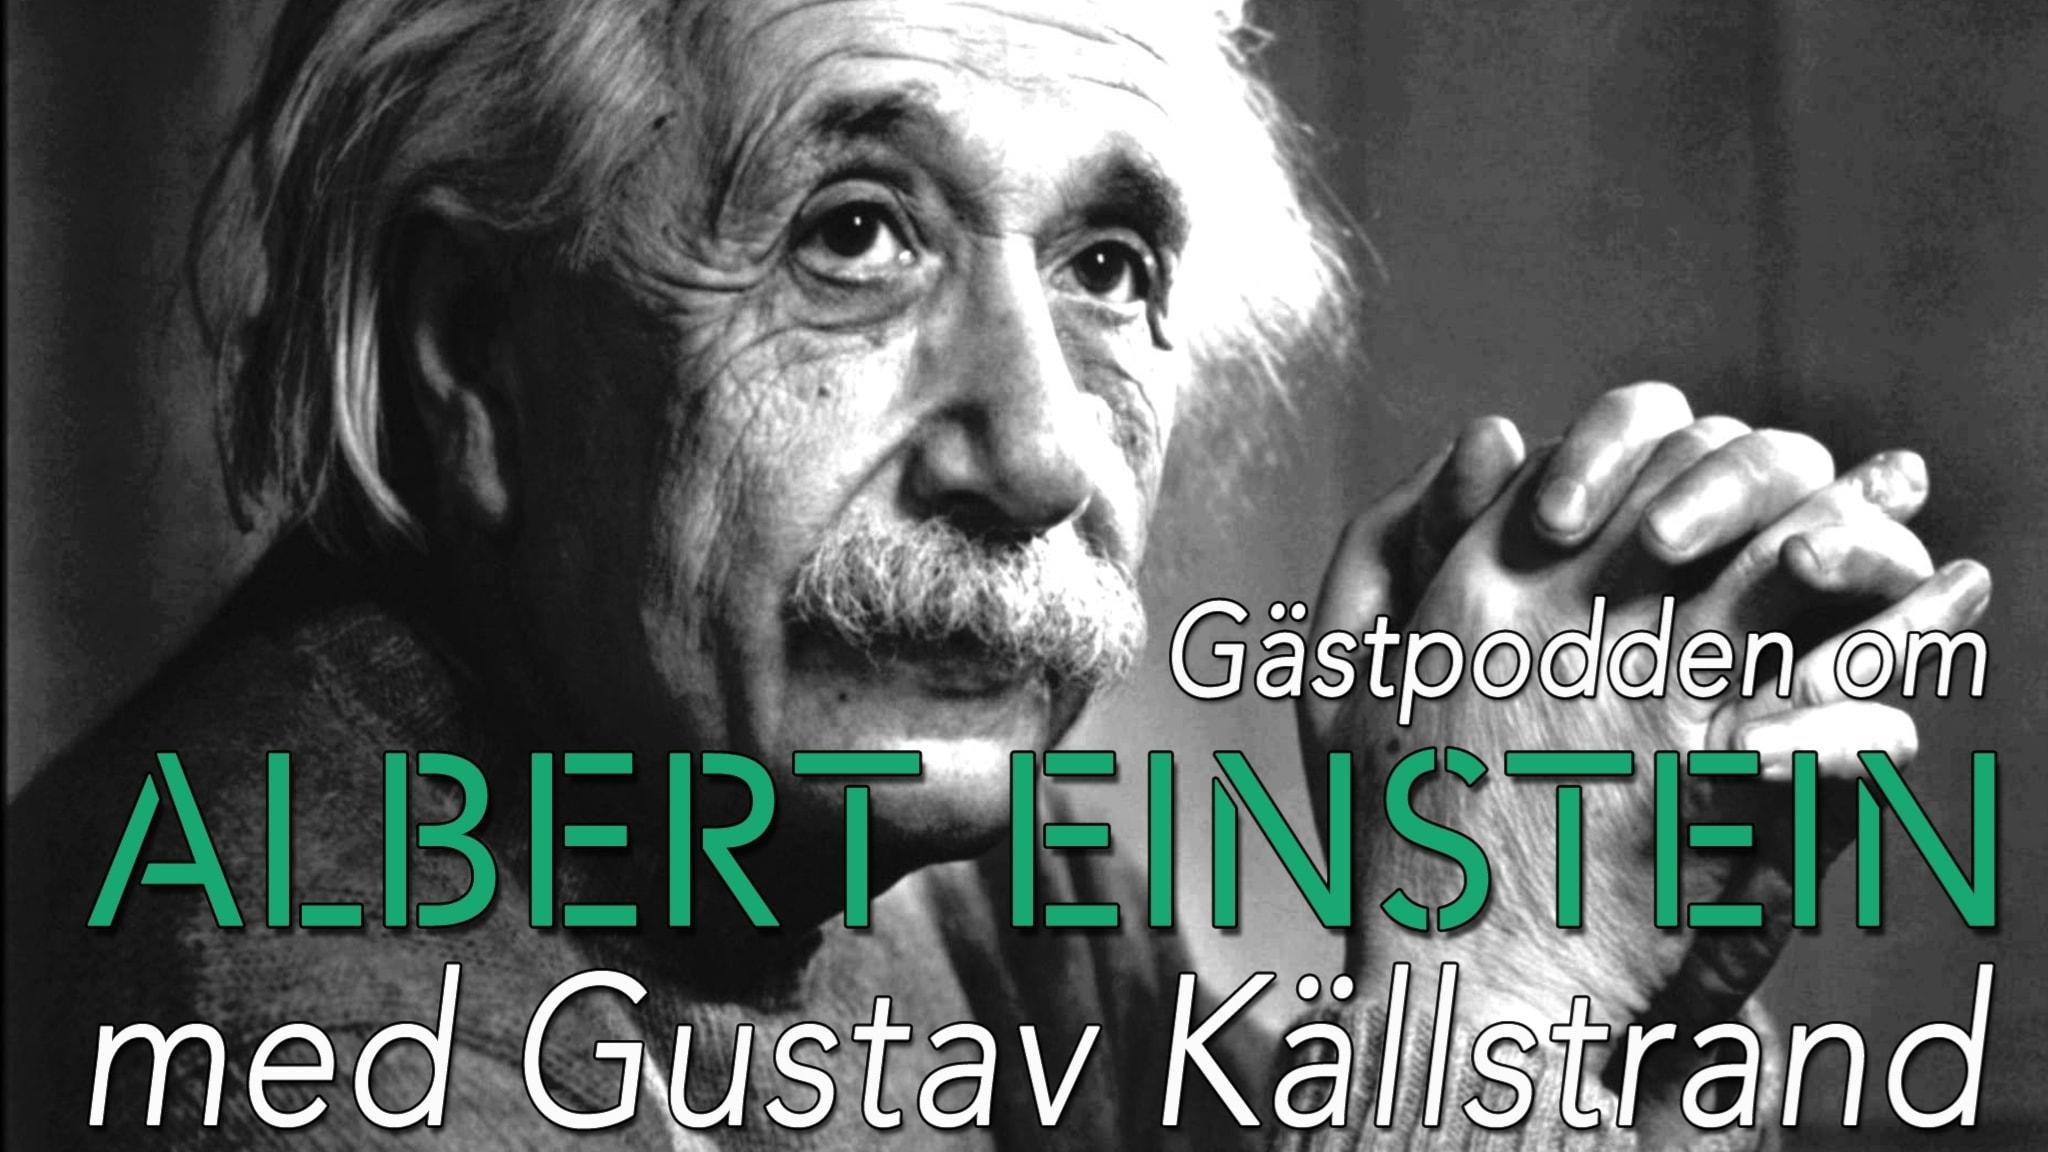 Gästpodden om Albert Einstein med Gustav Källstrand